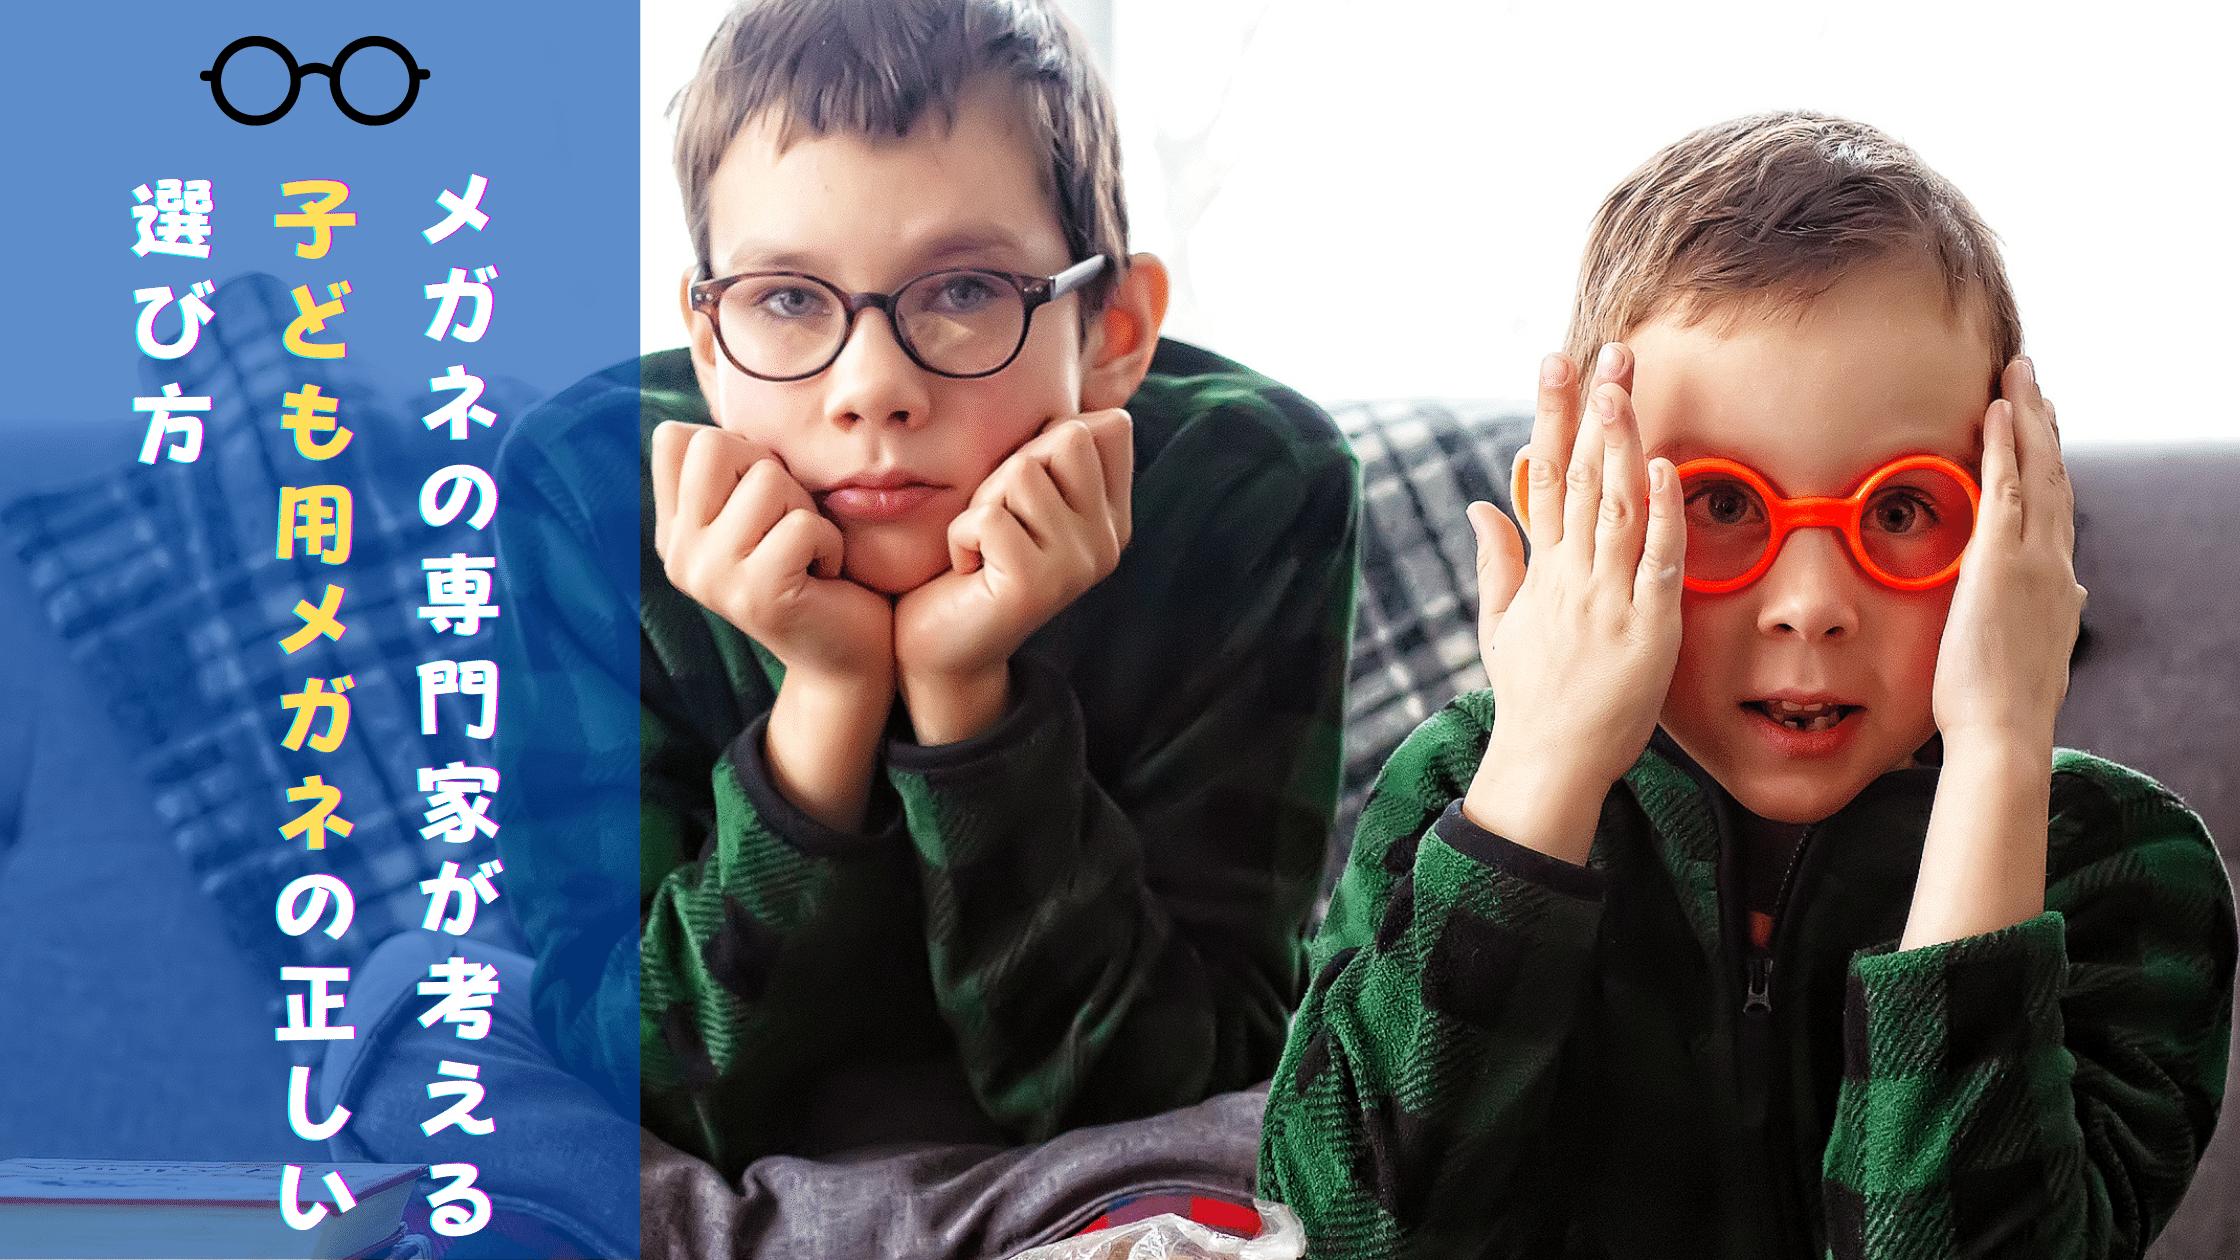 メガネの専門家が考える|子ども用メガネの正しい選び方